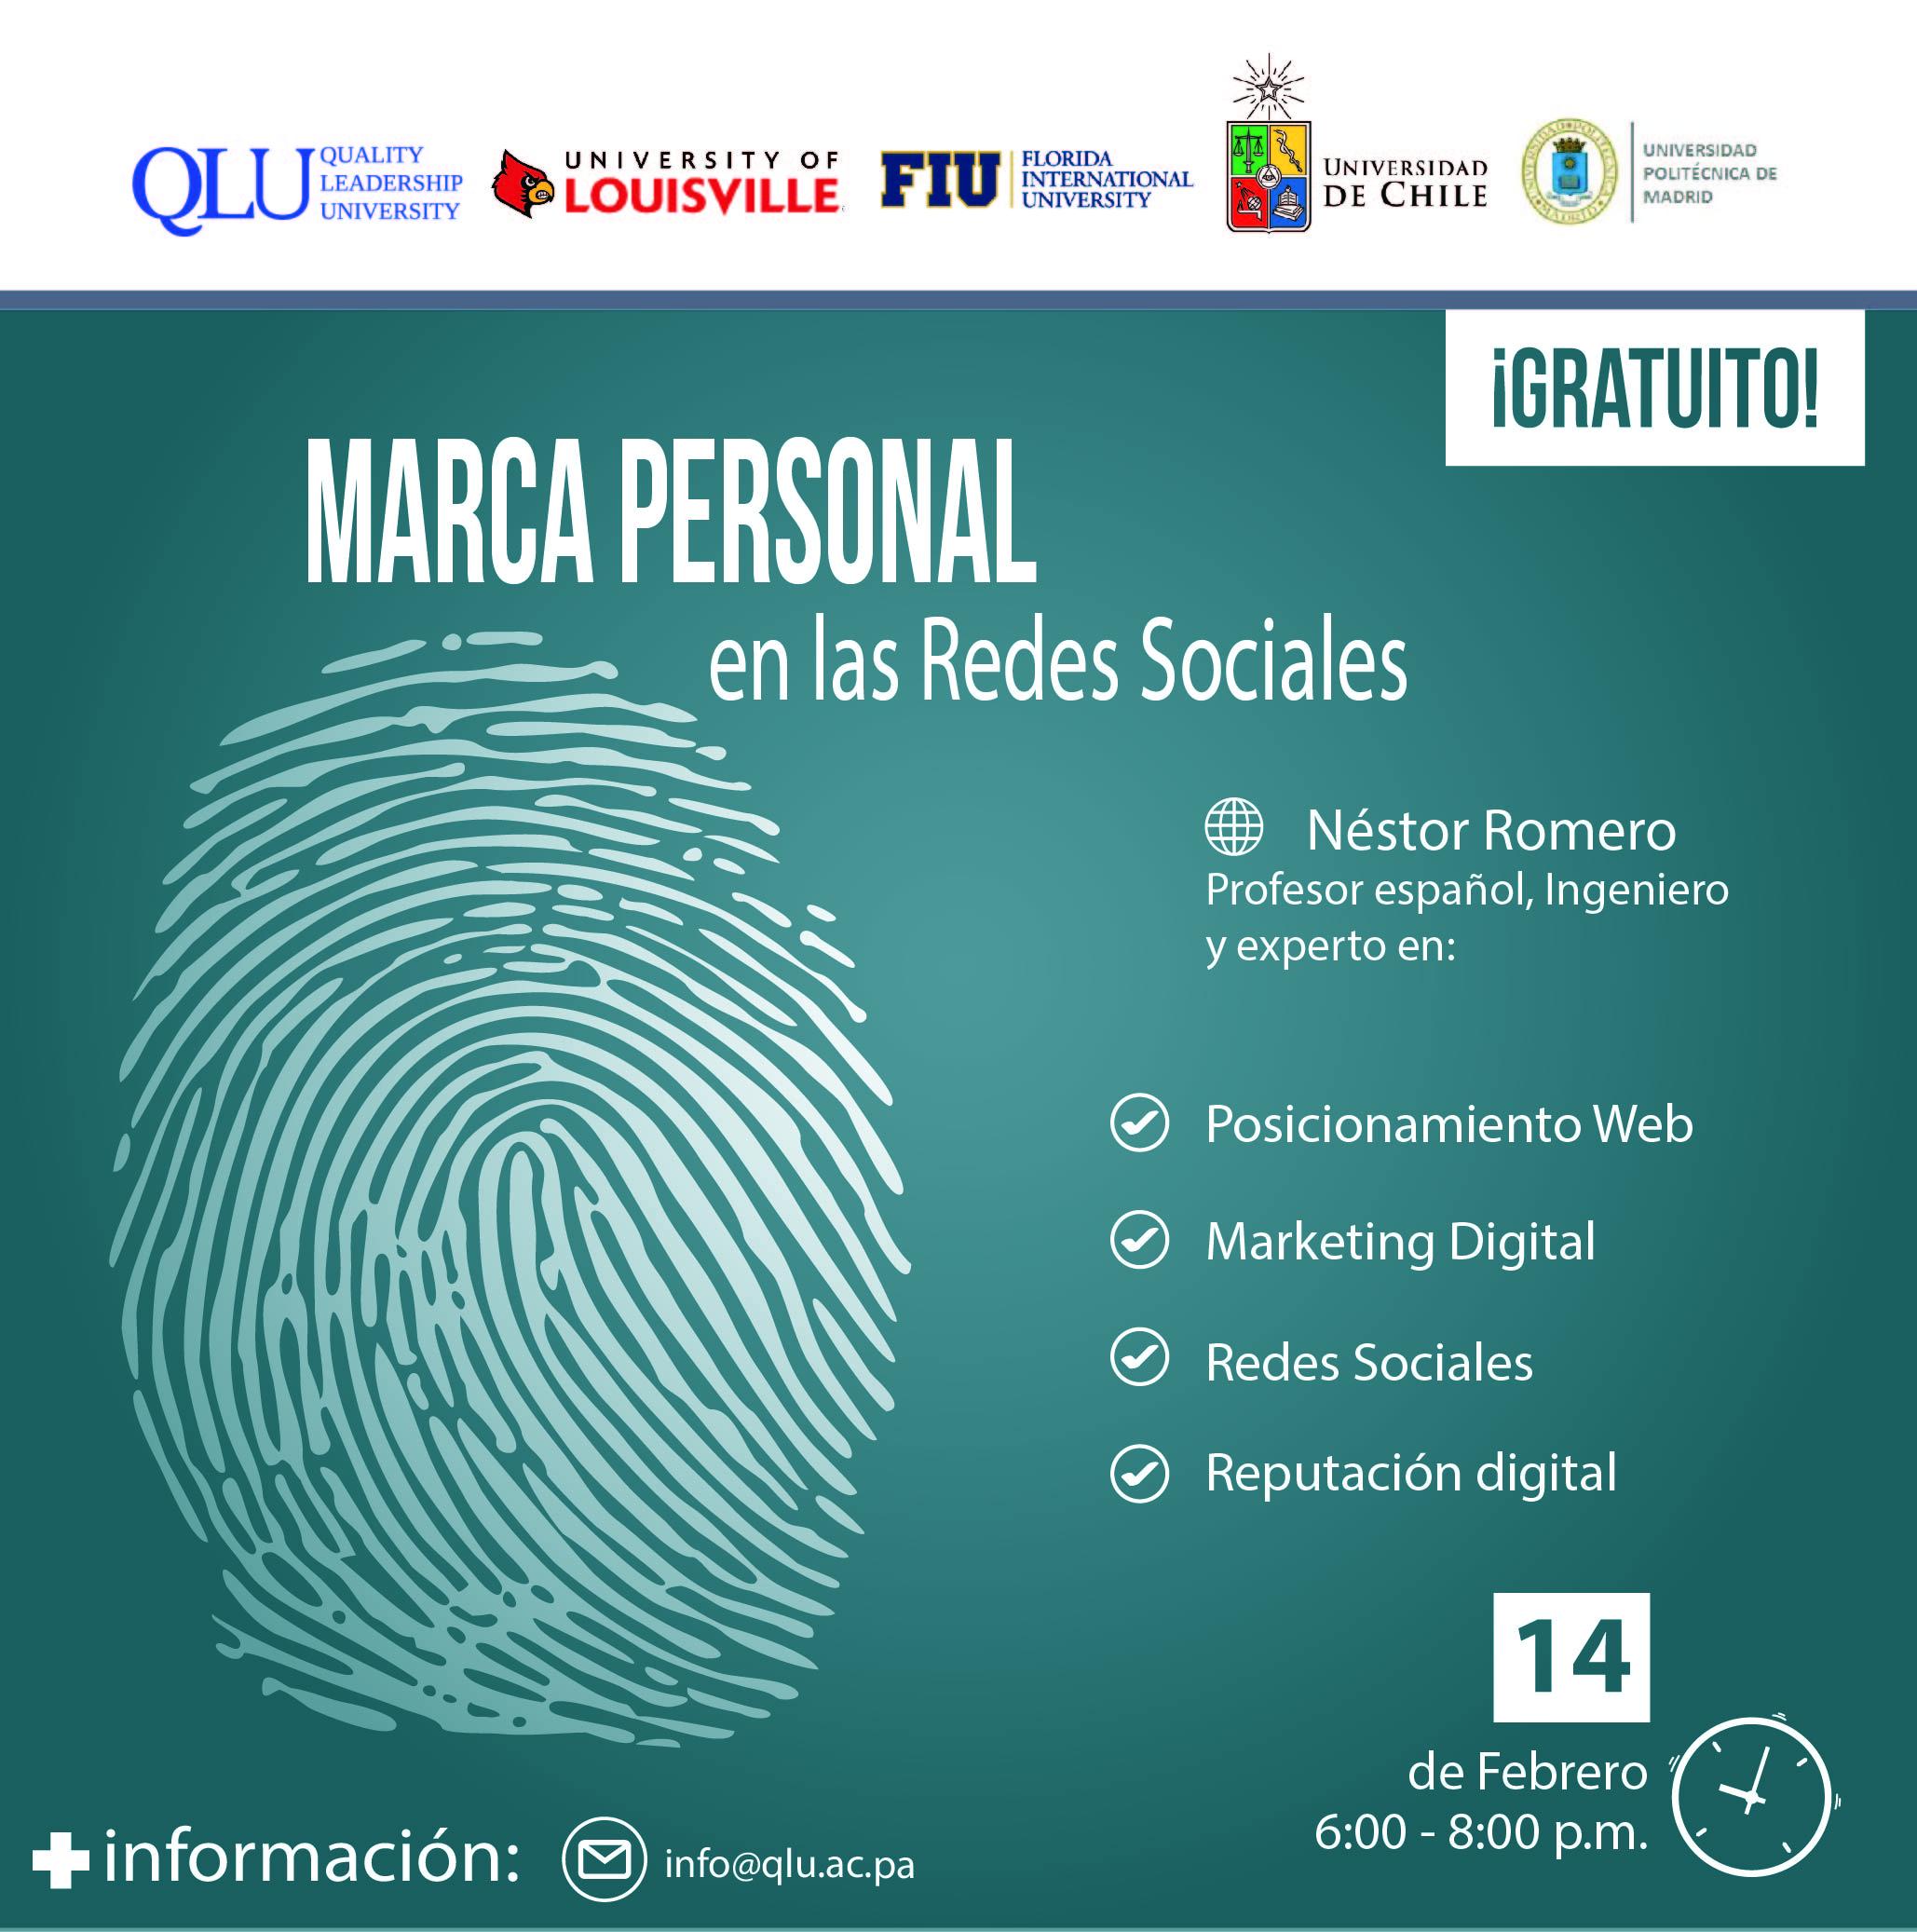 14 De Febrero Conferencia Gratuita Marca Personal En